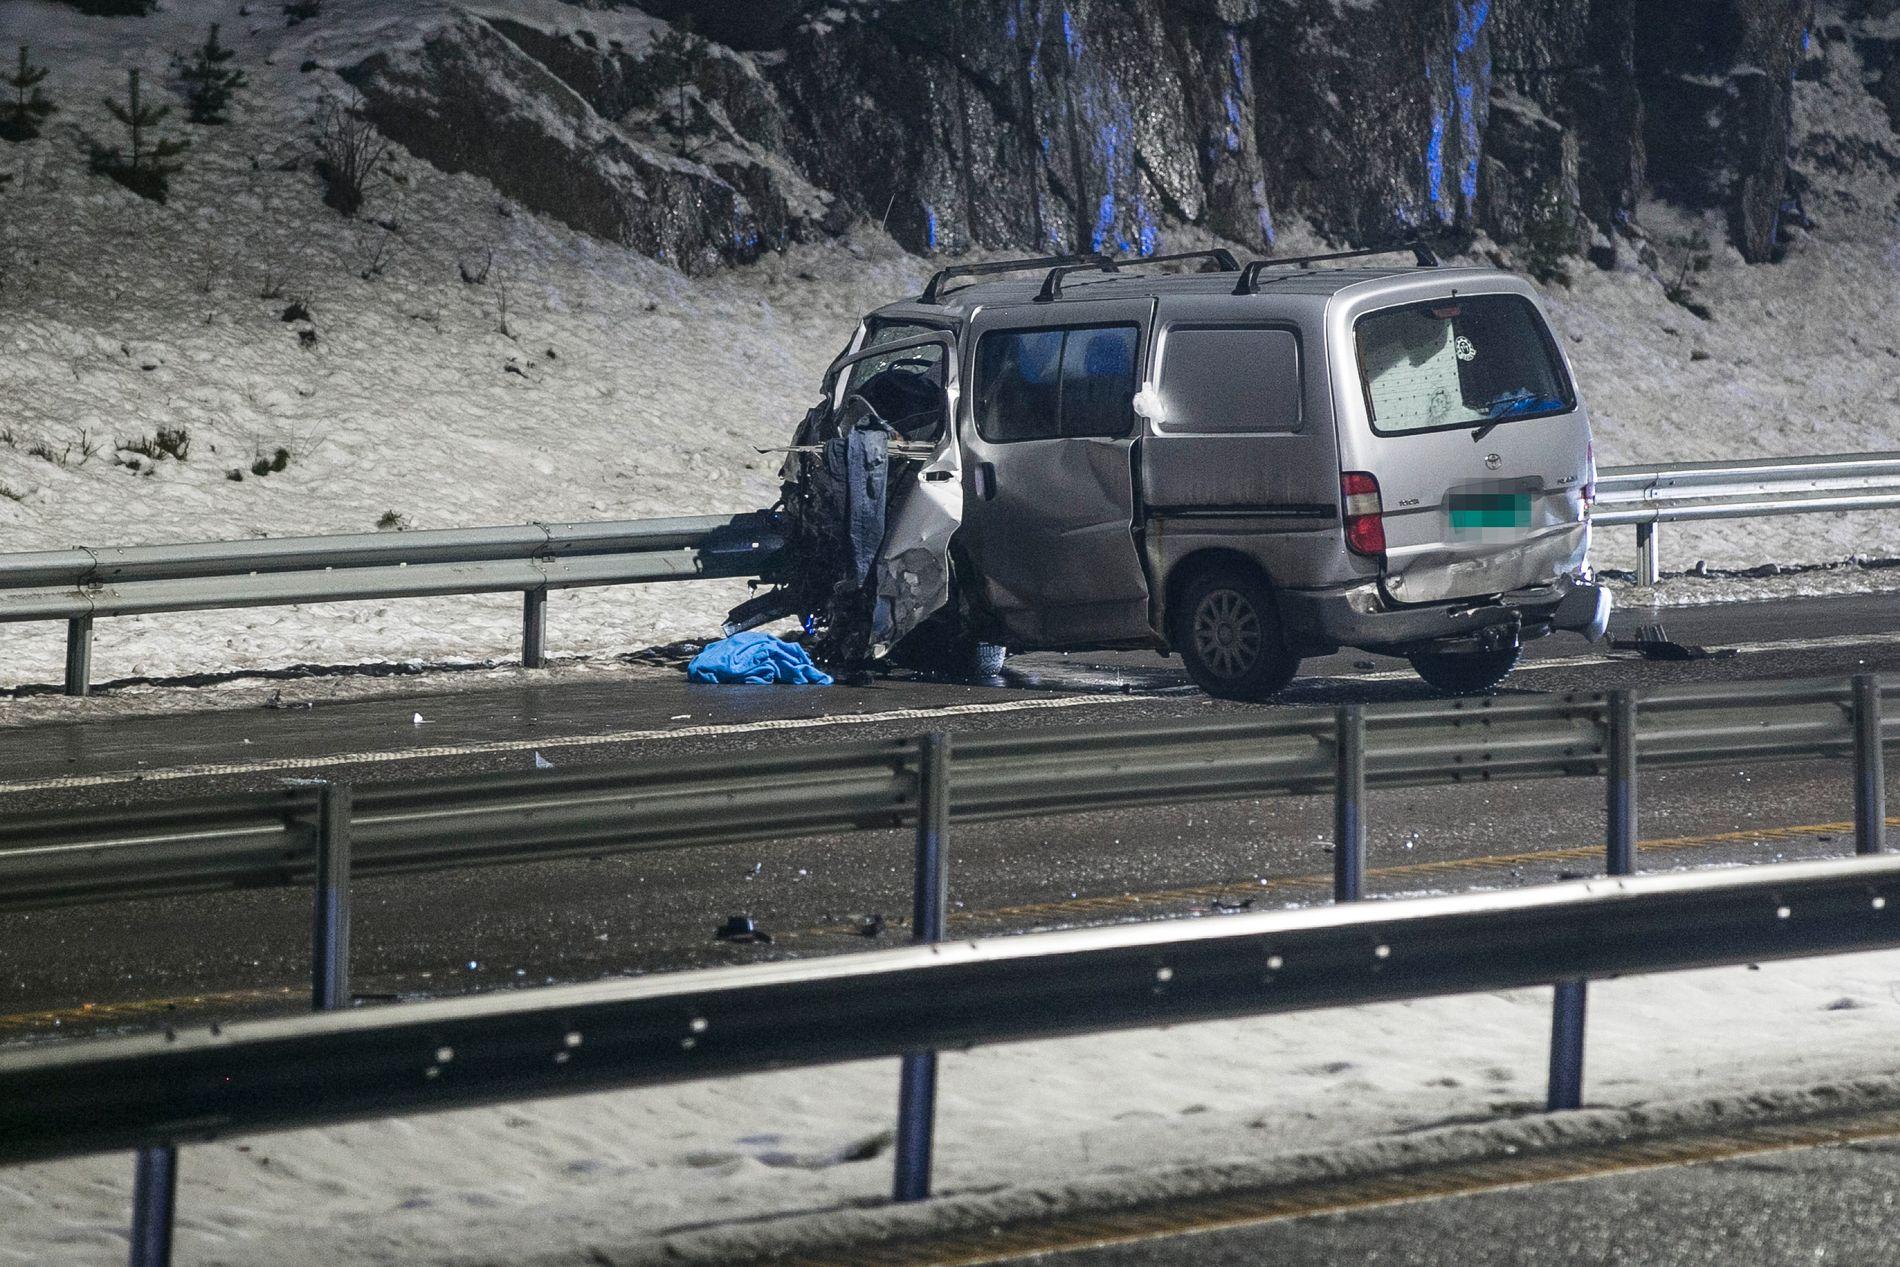 SIKTET FOR DRAP: Mannen som kjørte denne bilen er siktet for drap. Ifølge politiet kjørte han i motgående kjørefelt og traff personbilen hvor familien satt.